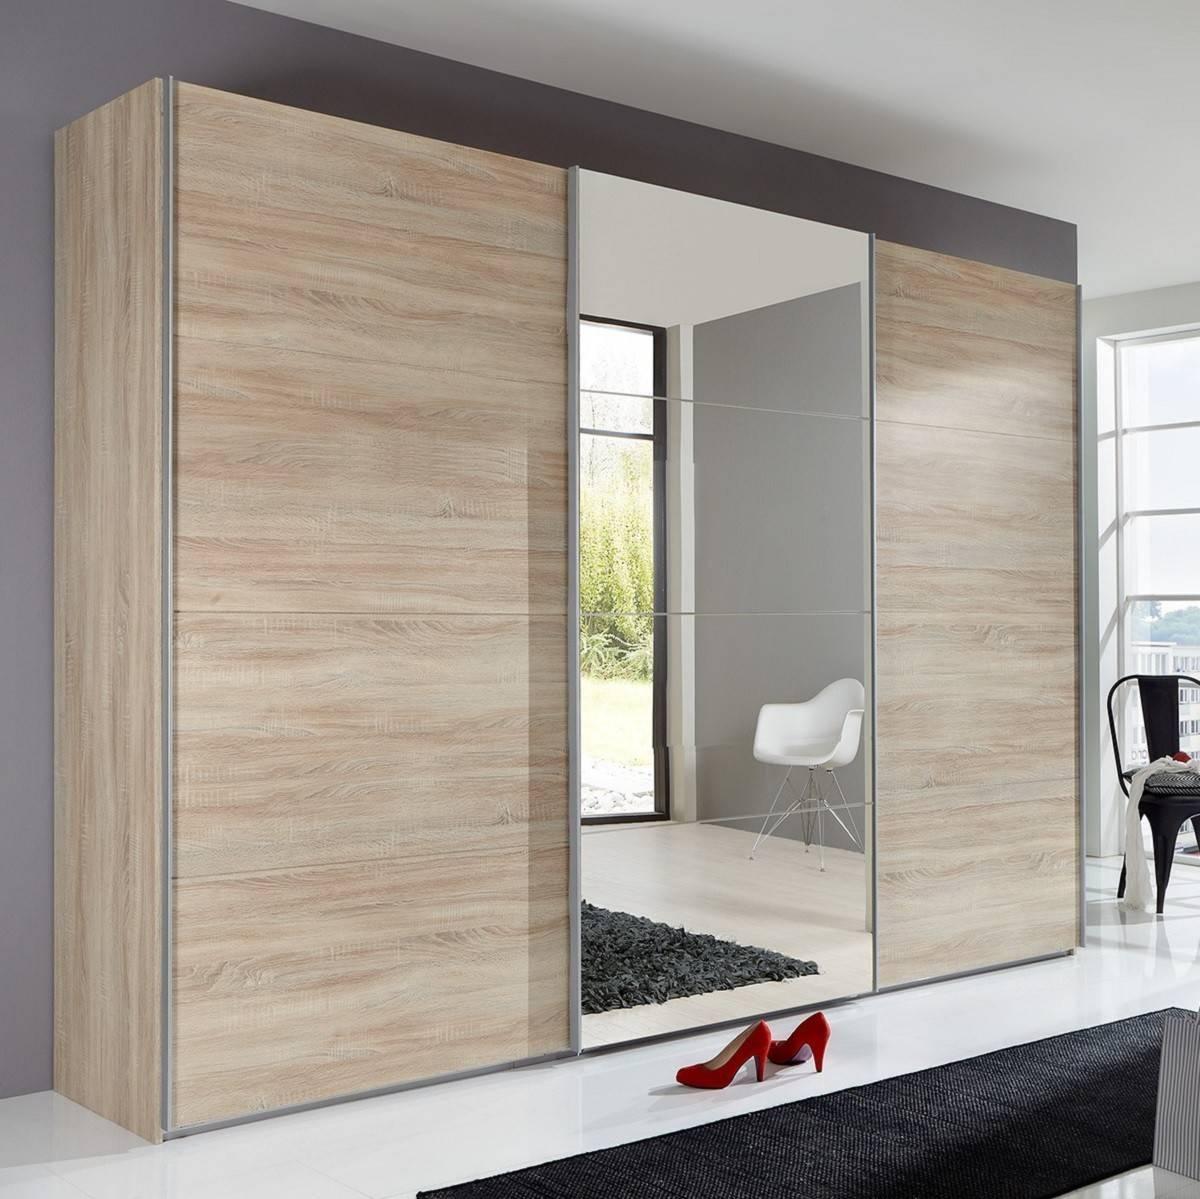 Slumberhaus 'ernie' German Made Modern 270Cm Oak & Mirror 3 Door Regarding Oak 3 Door Wardrobes (View 12 of 15)